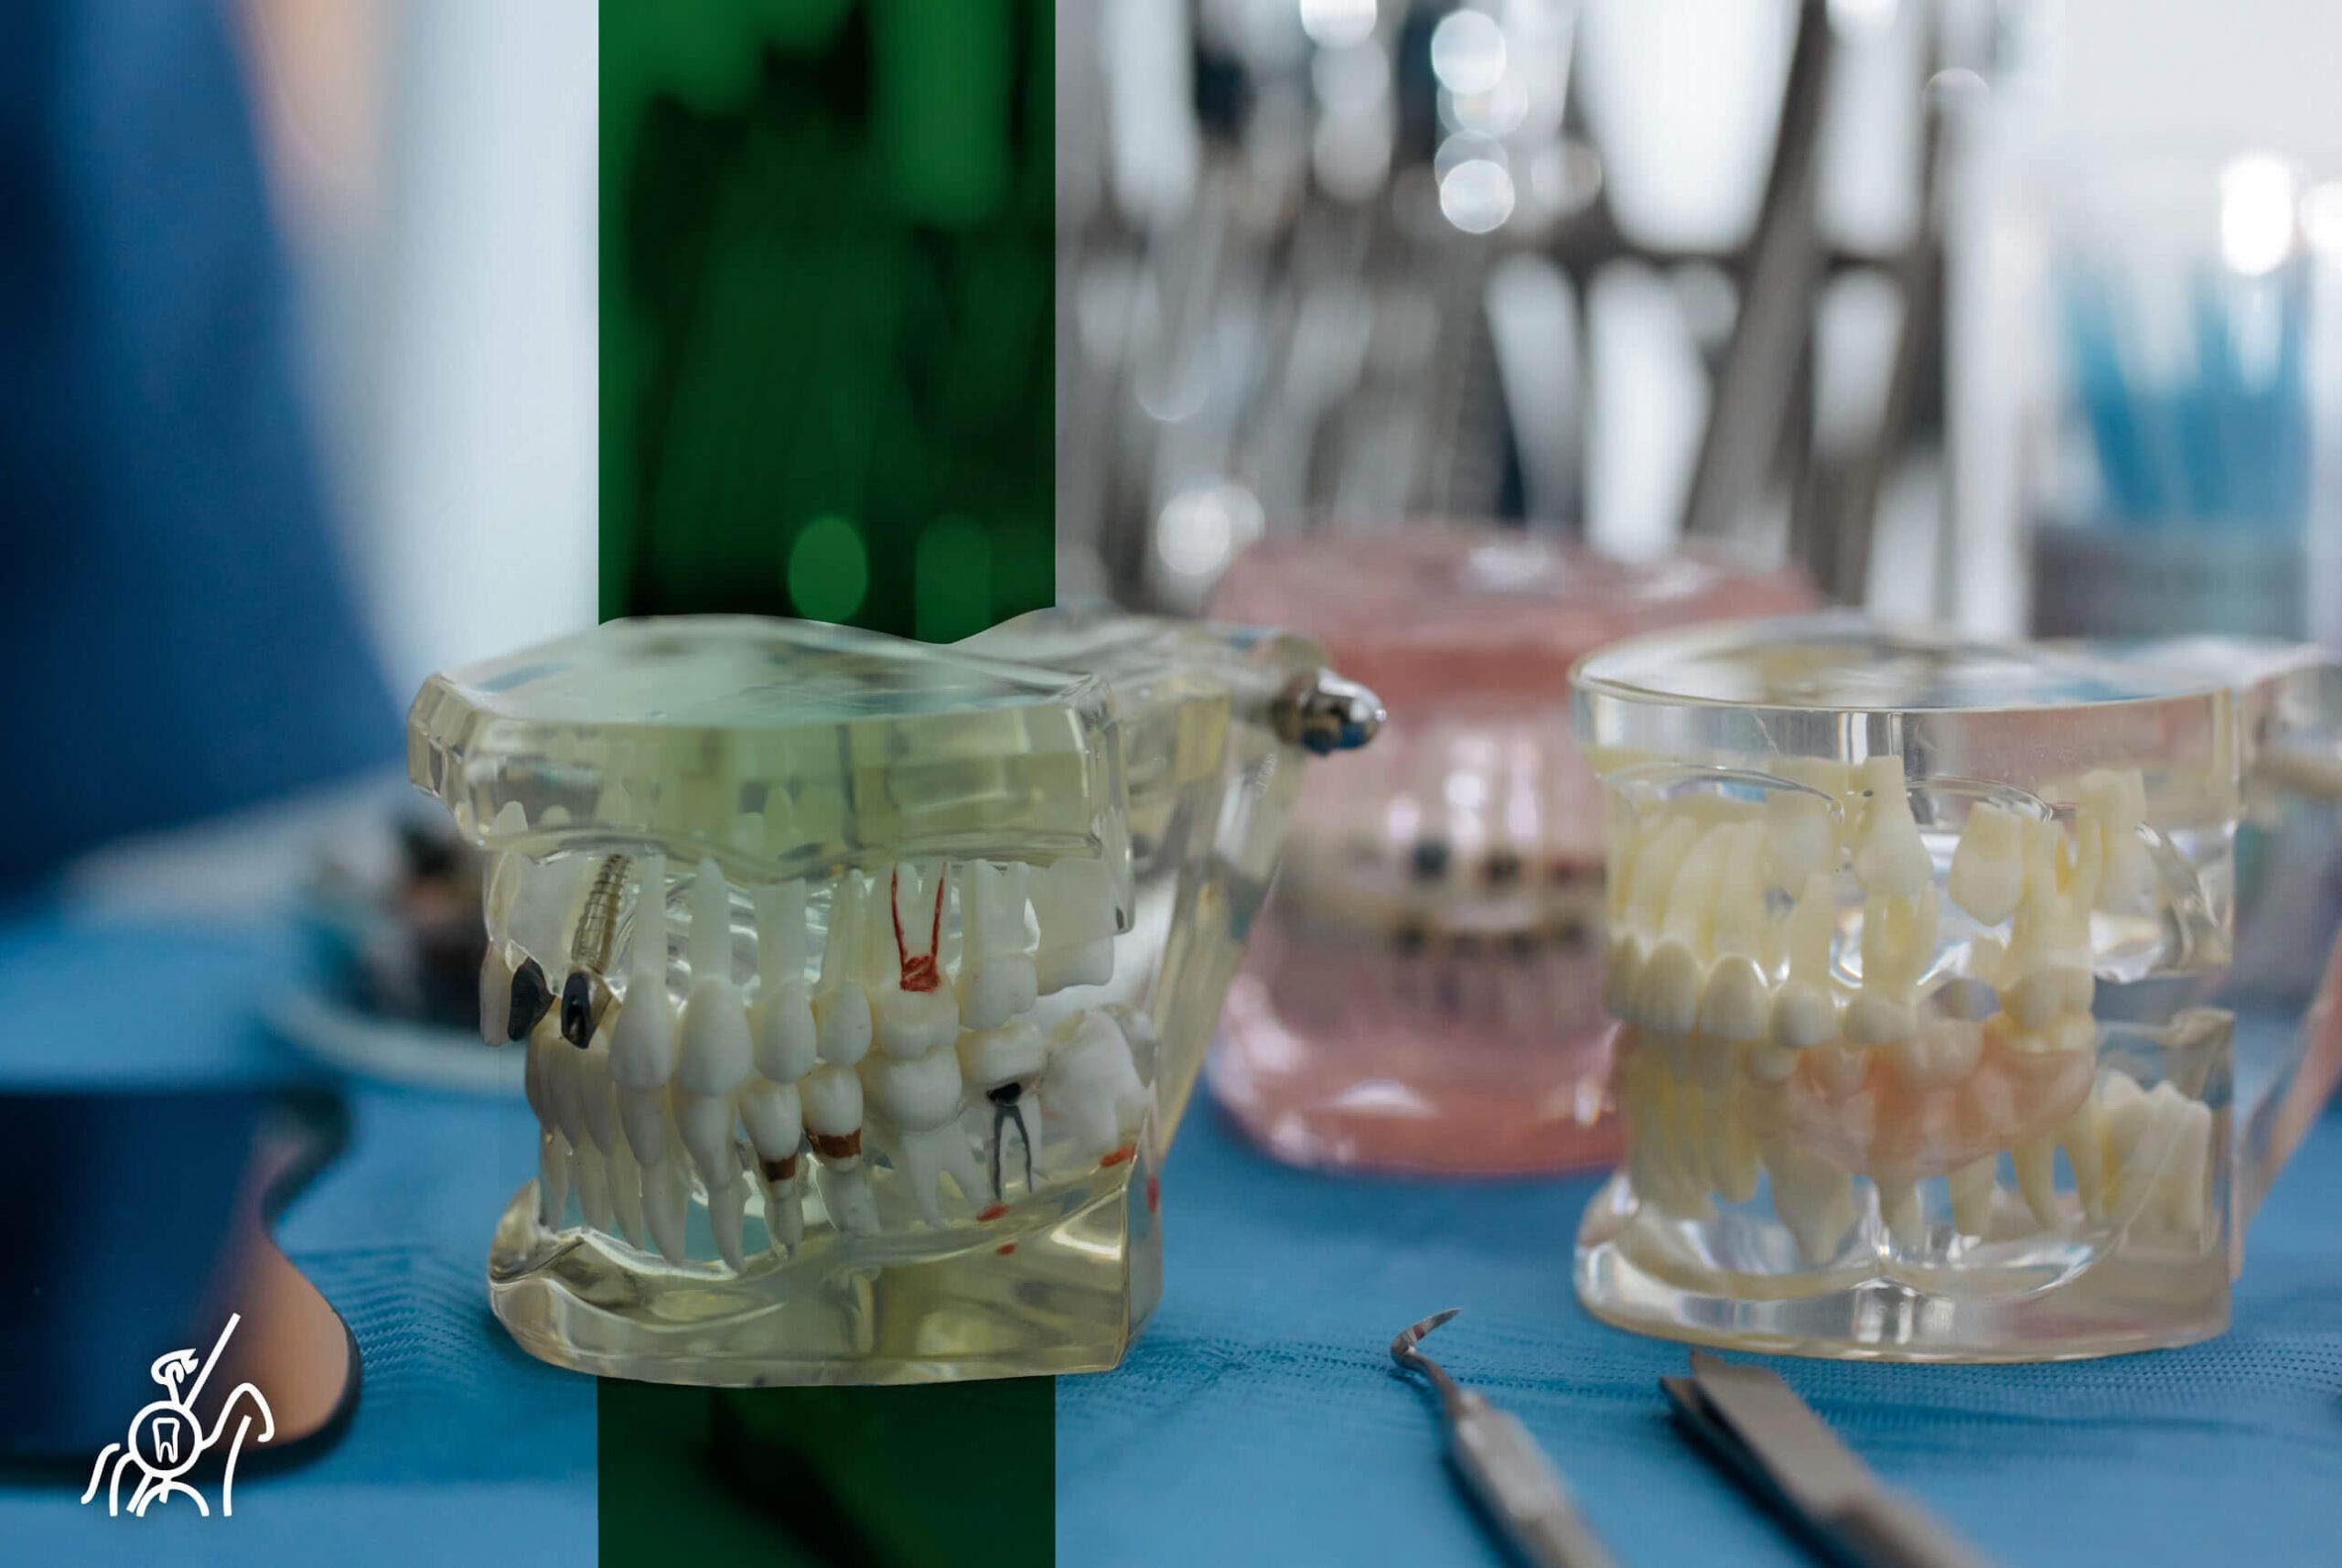 Prótesis digitales: ¿Cuál es el papel del dentista?